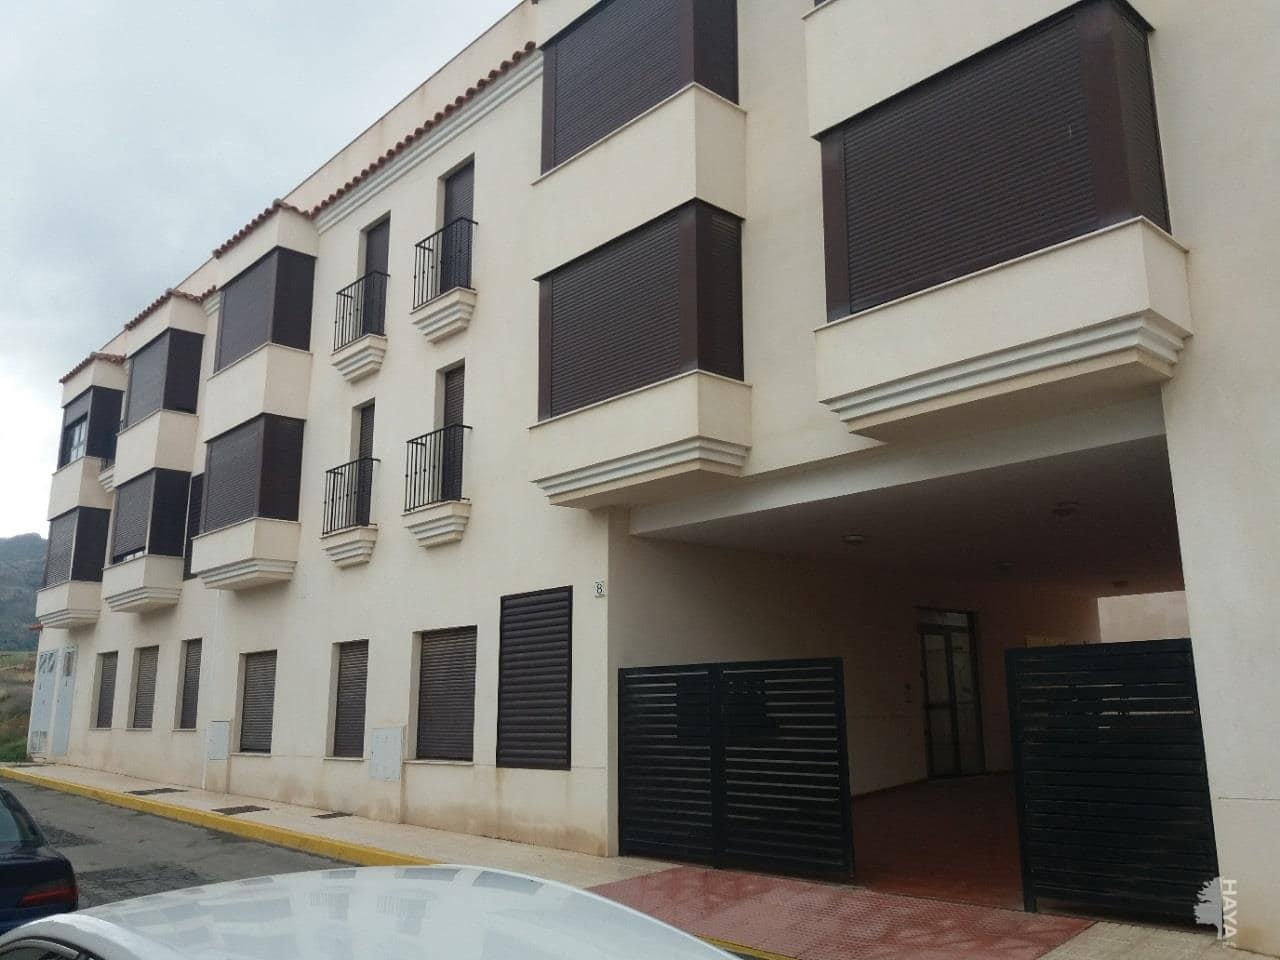 Piso en venta en Turre, Turre, Almería, Camino de la Nava, 73.632 €, 2 habitaciones, 2 baños, 87 m2